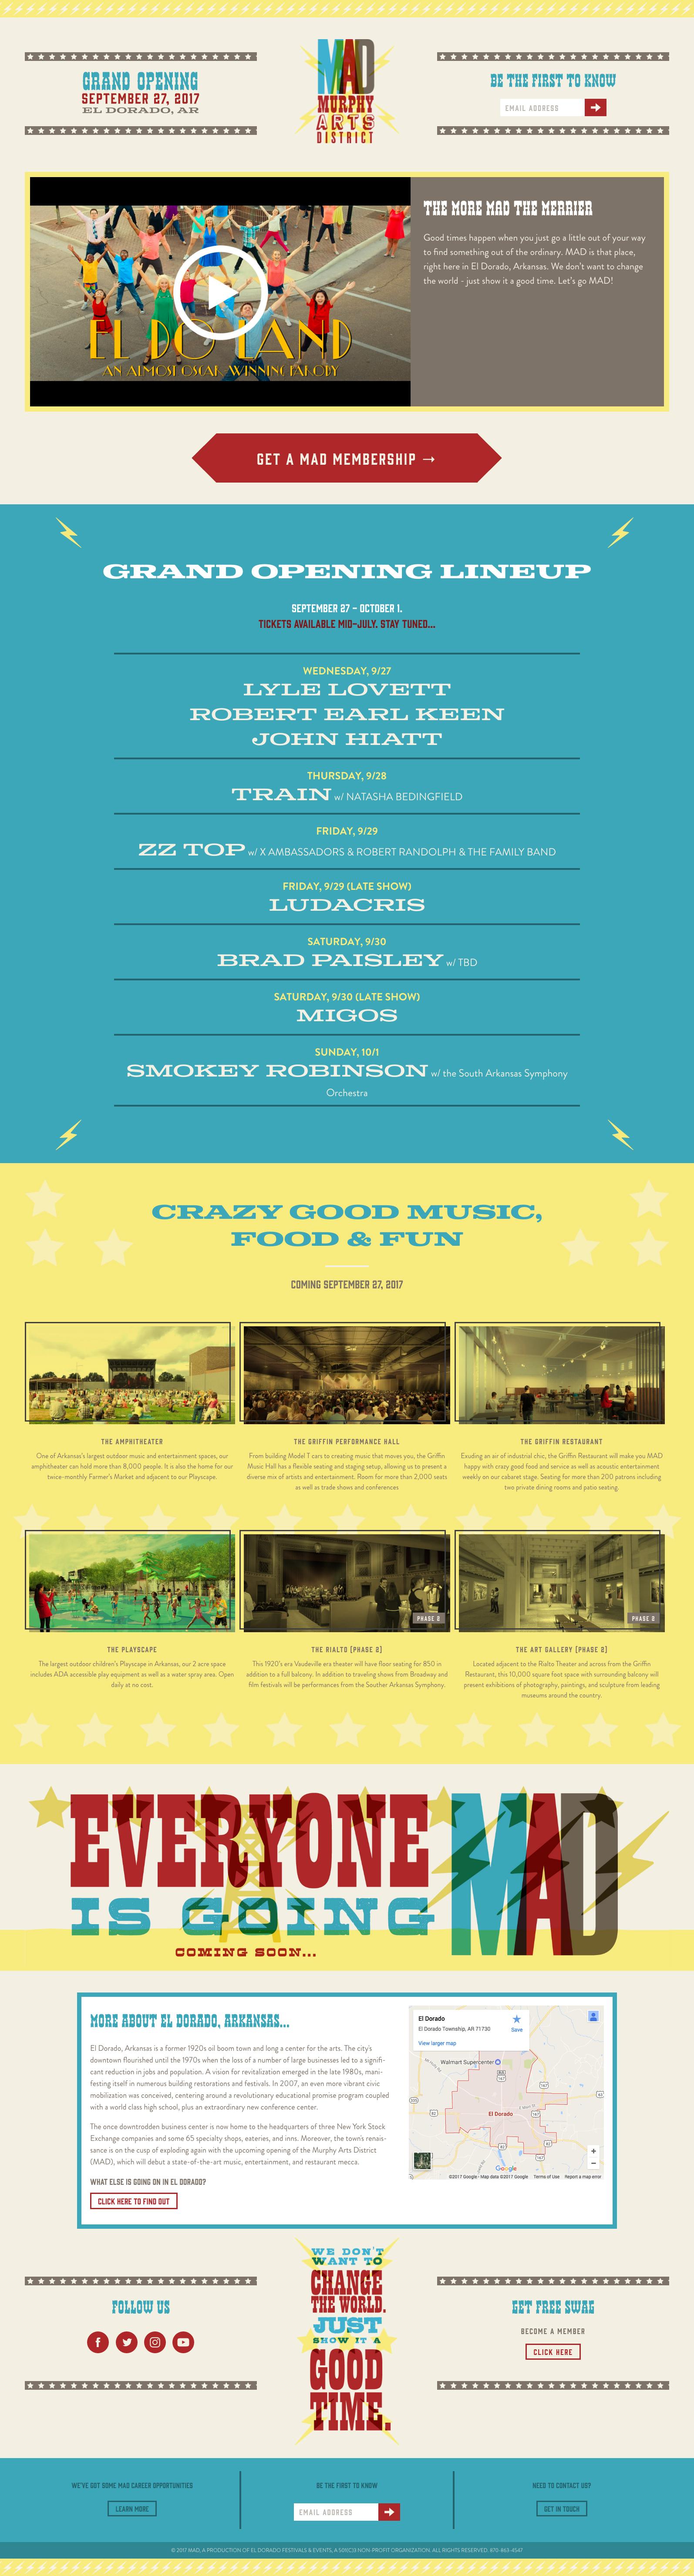 Website Design & Development for El Dorado Festival & Events